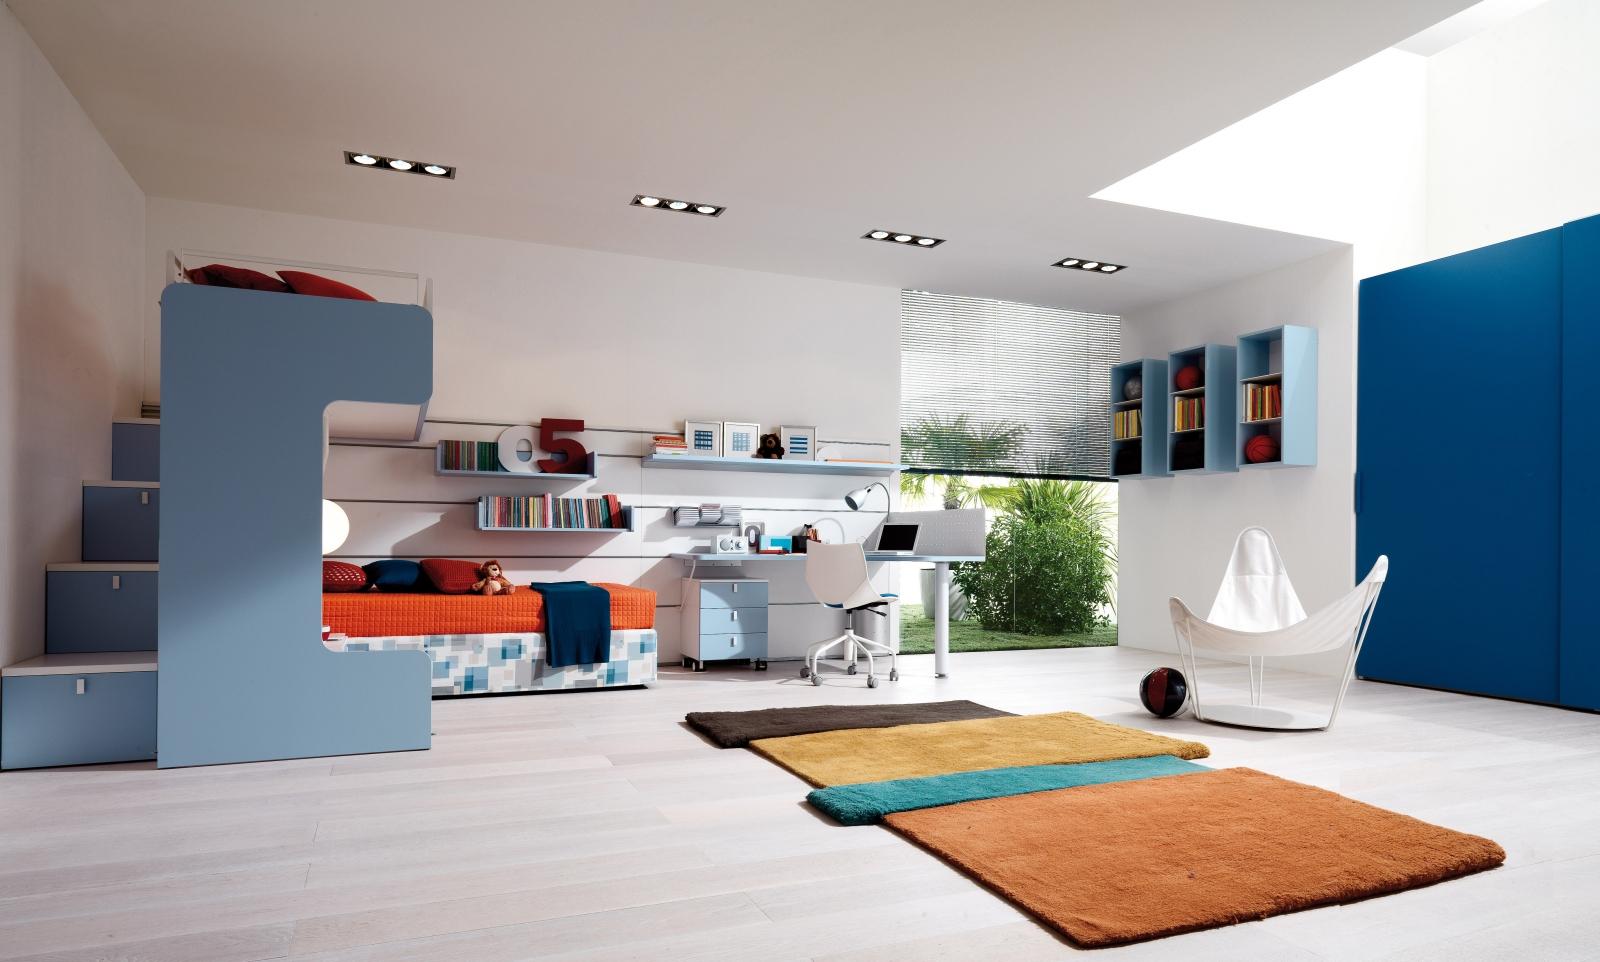 Twin Bedding Teen Room Designs From Zalf on Teenage:m5Lo5Qnshca= Room Ideas  id=51769